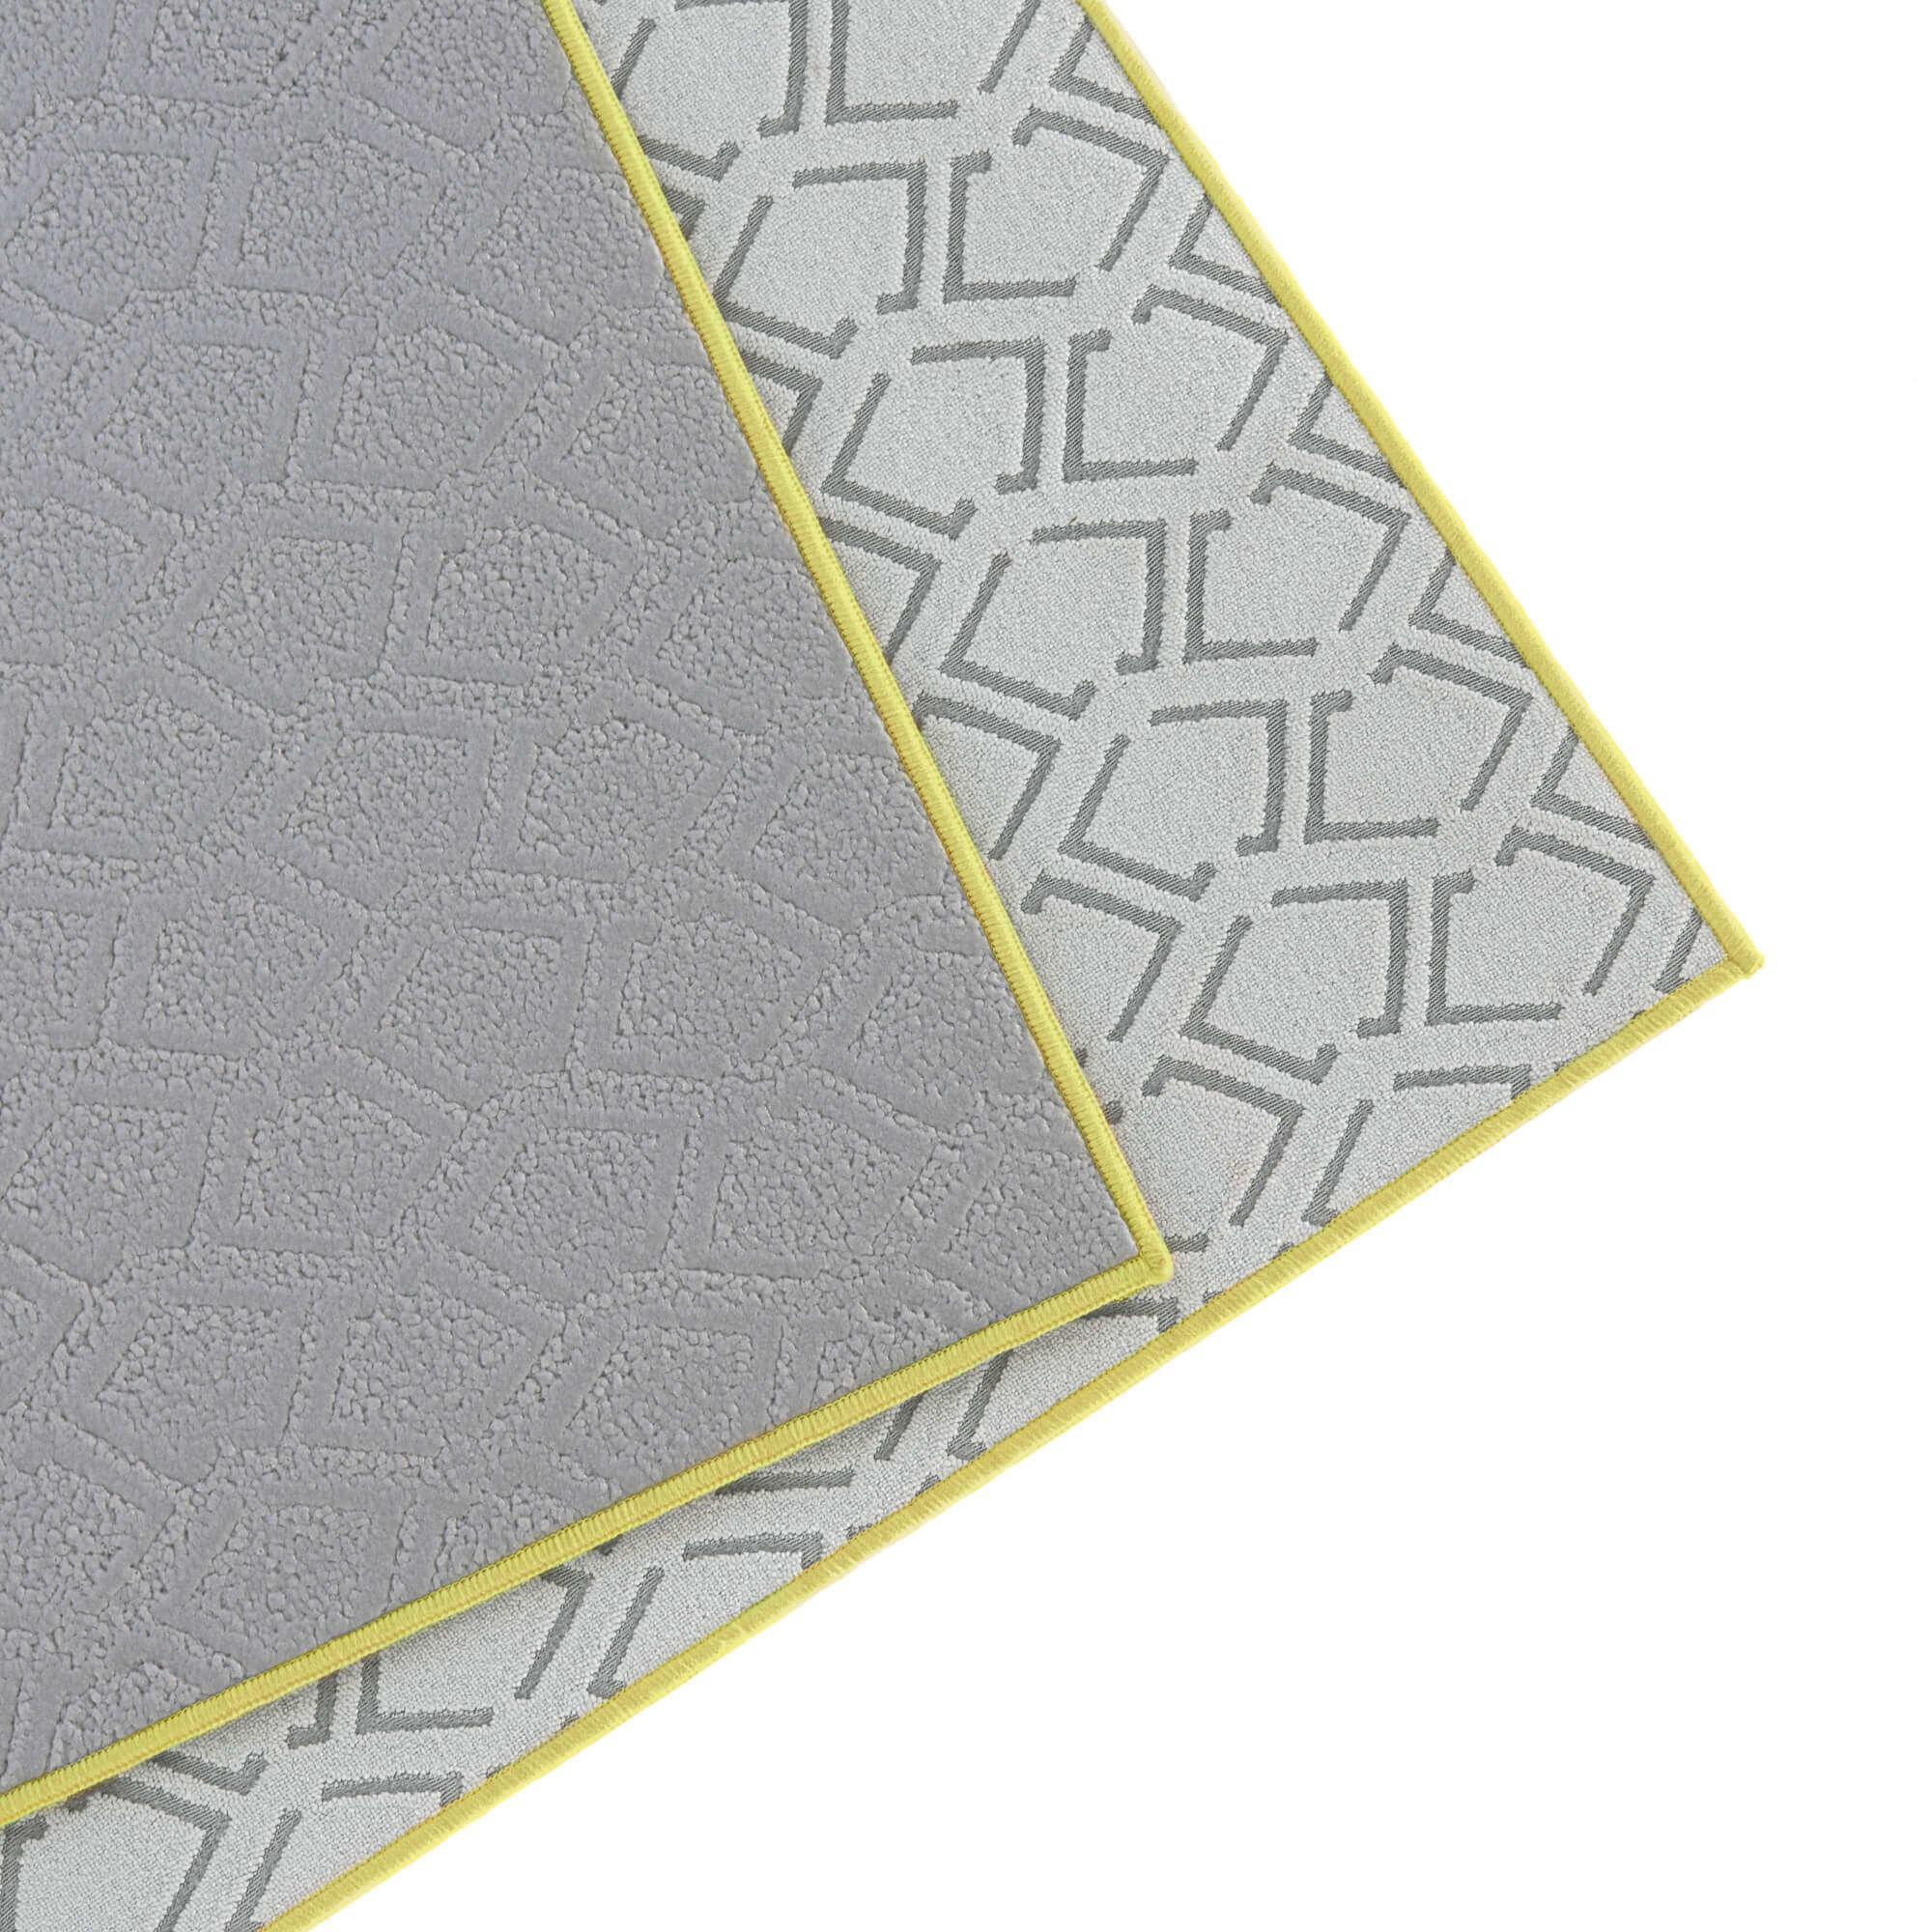 Lässig LÄSSIG YOGA mat grey 180 x 65